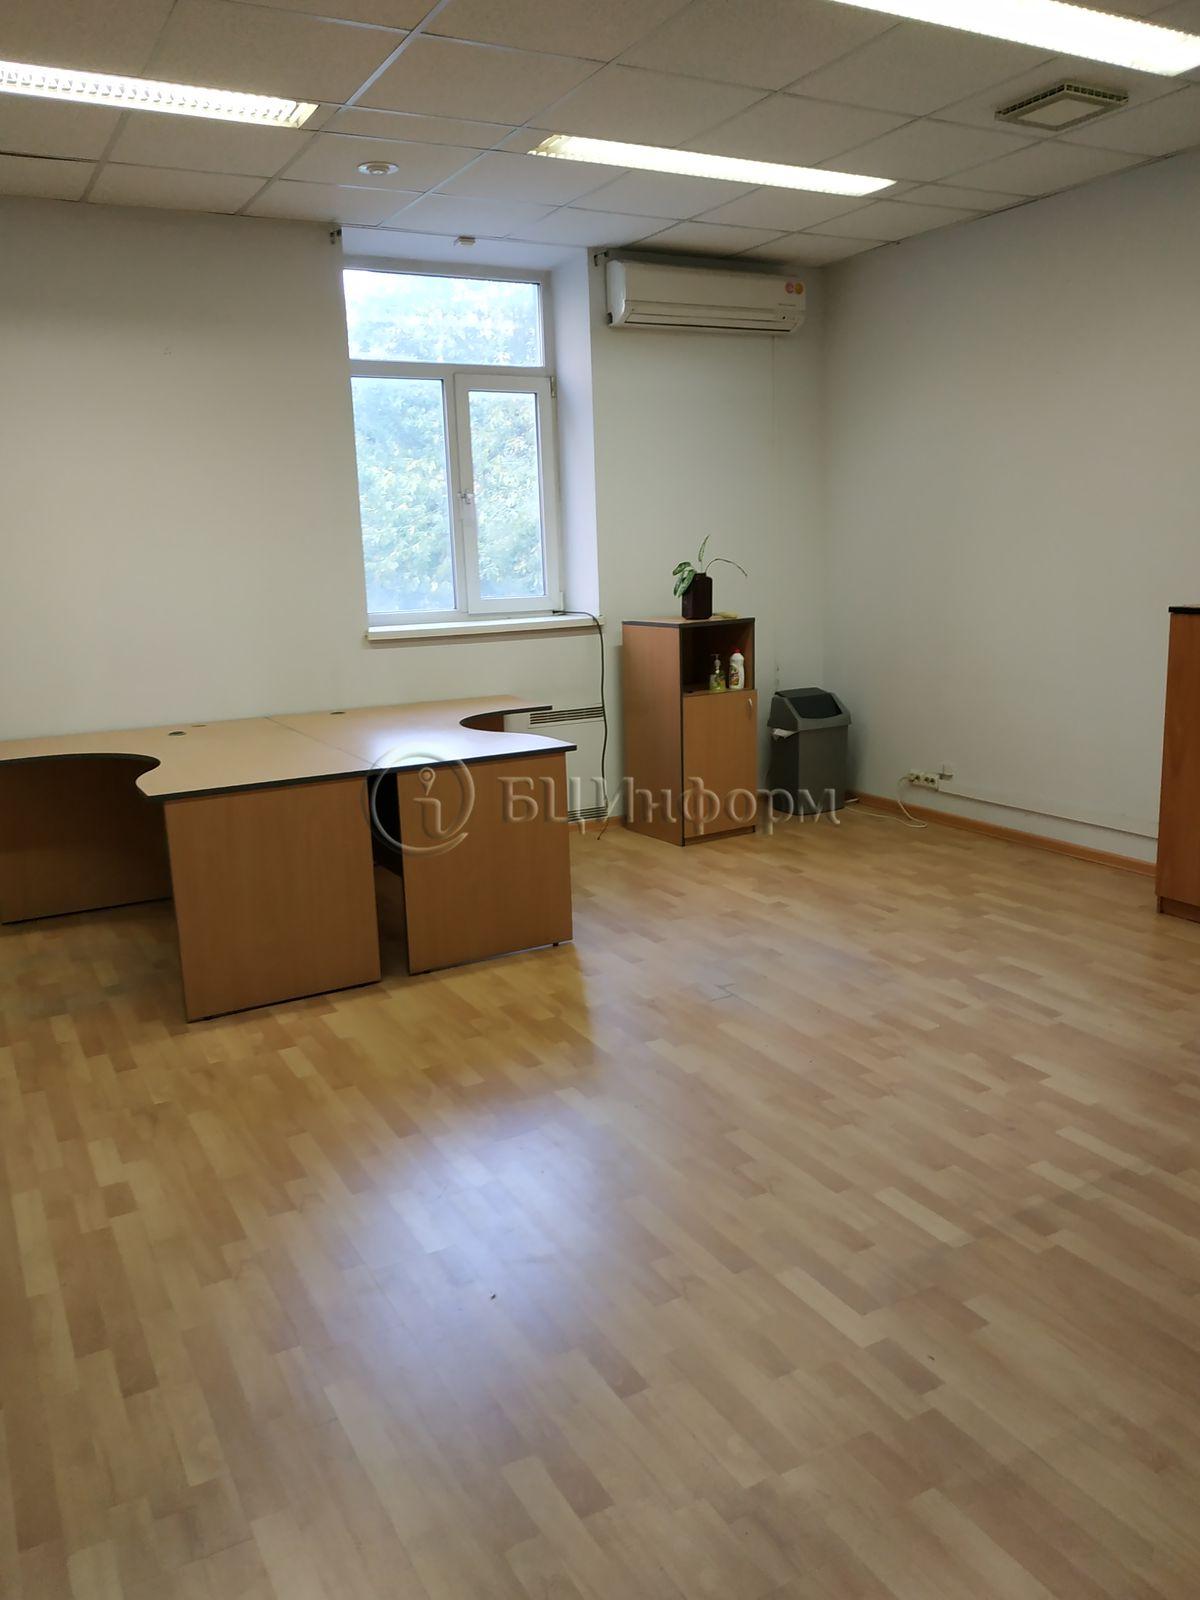 Юридический адрес по ИФНС 20, Москва, Перовская улица, 33к1 | 1600x1200